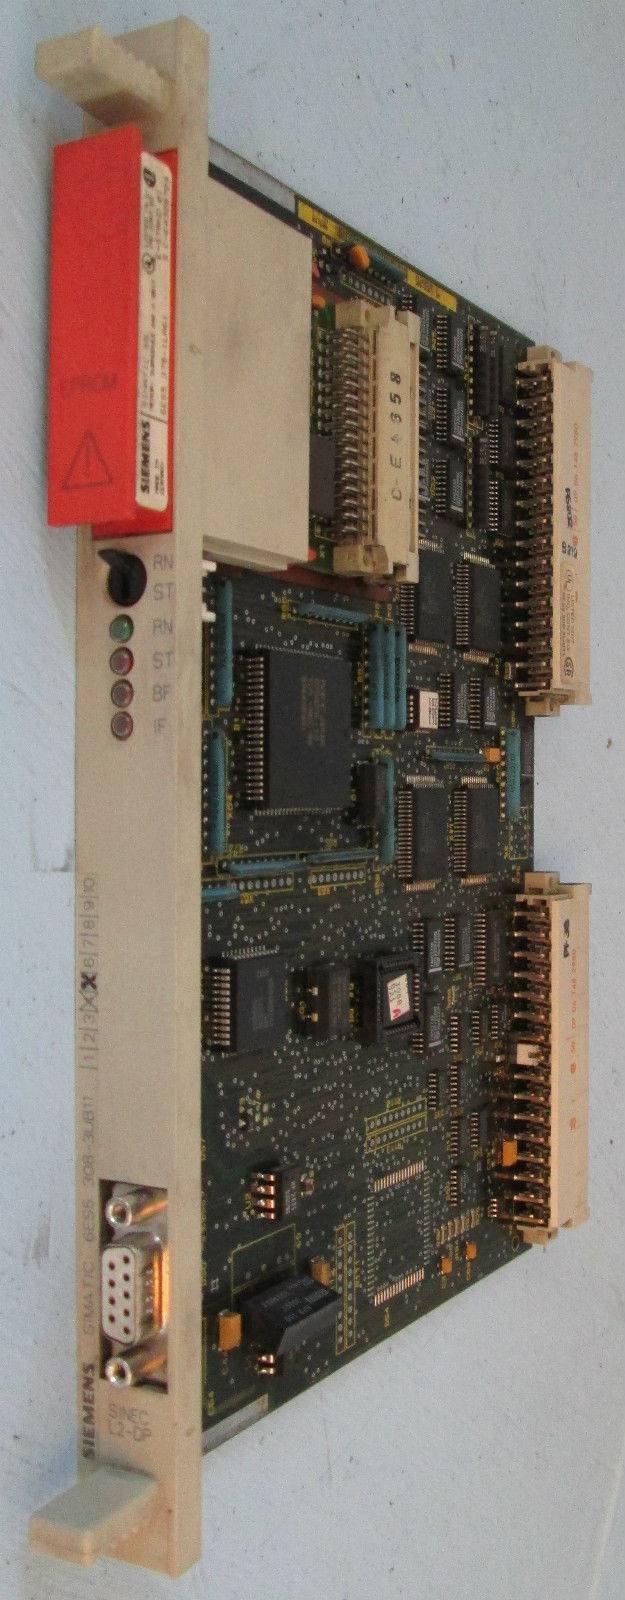 Siemens 6ES5 308-3UB11 Interface Module 115U/135U/155U Symadyn D PLC Simatic S5